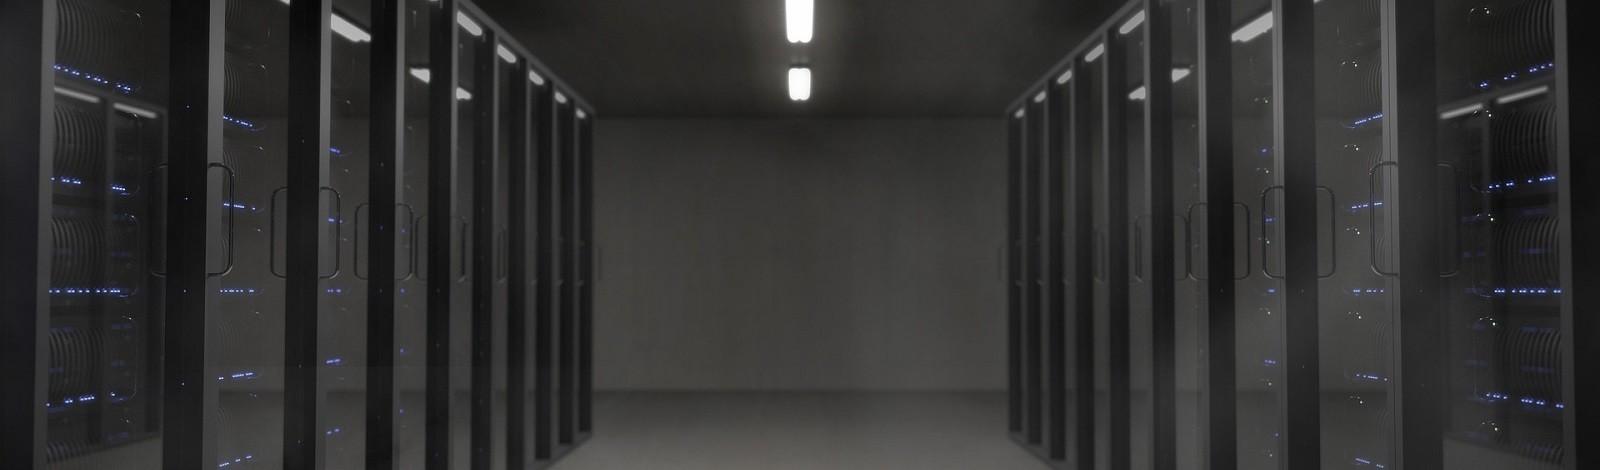 Slider 2 Hintergrund